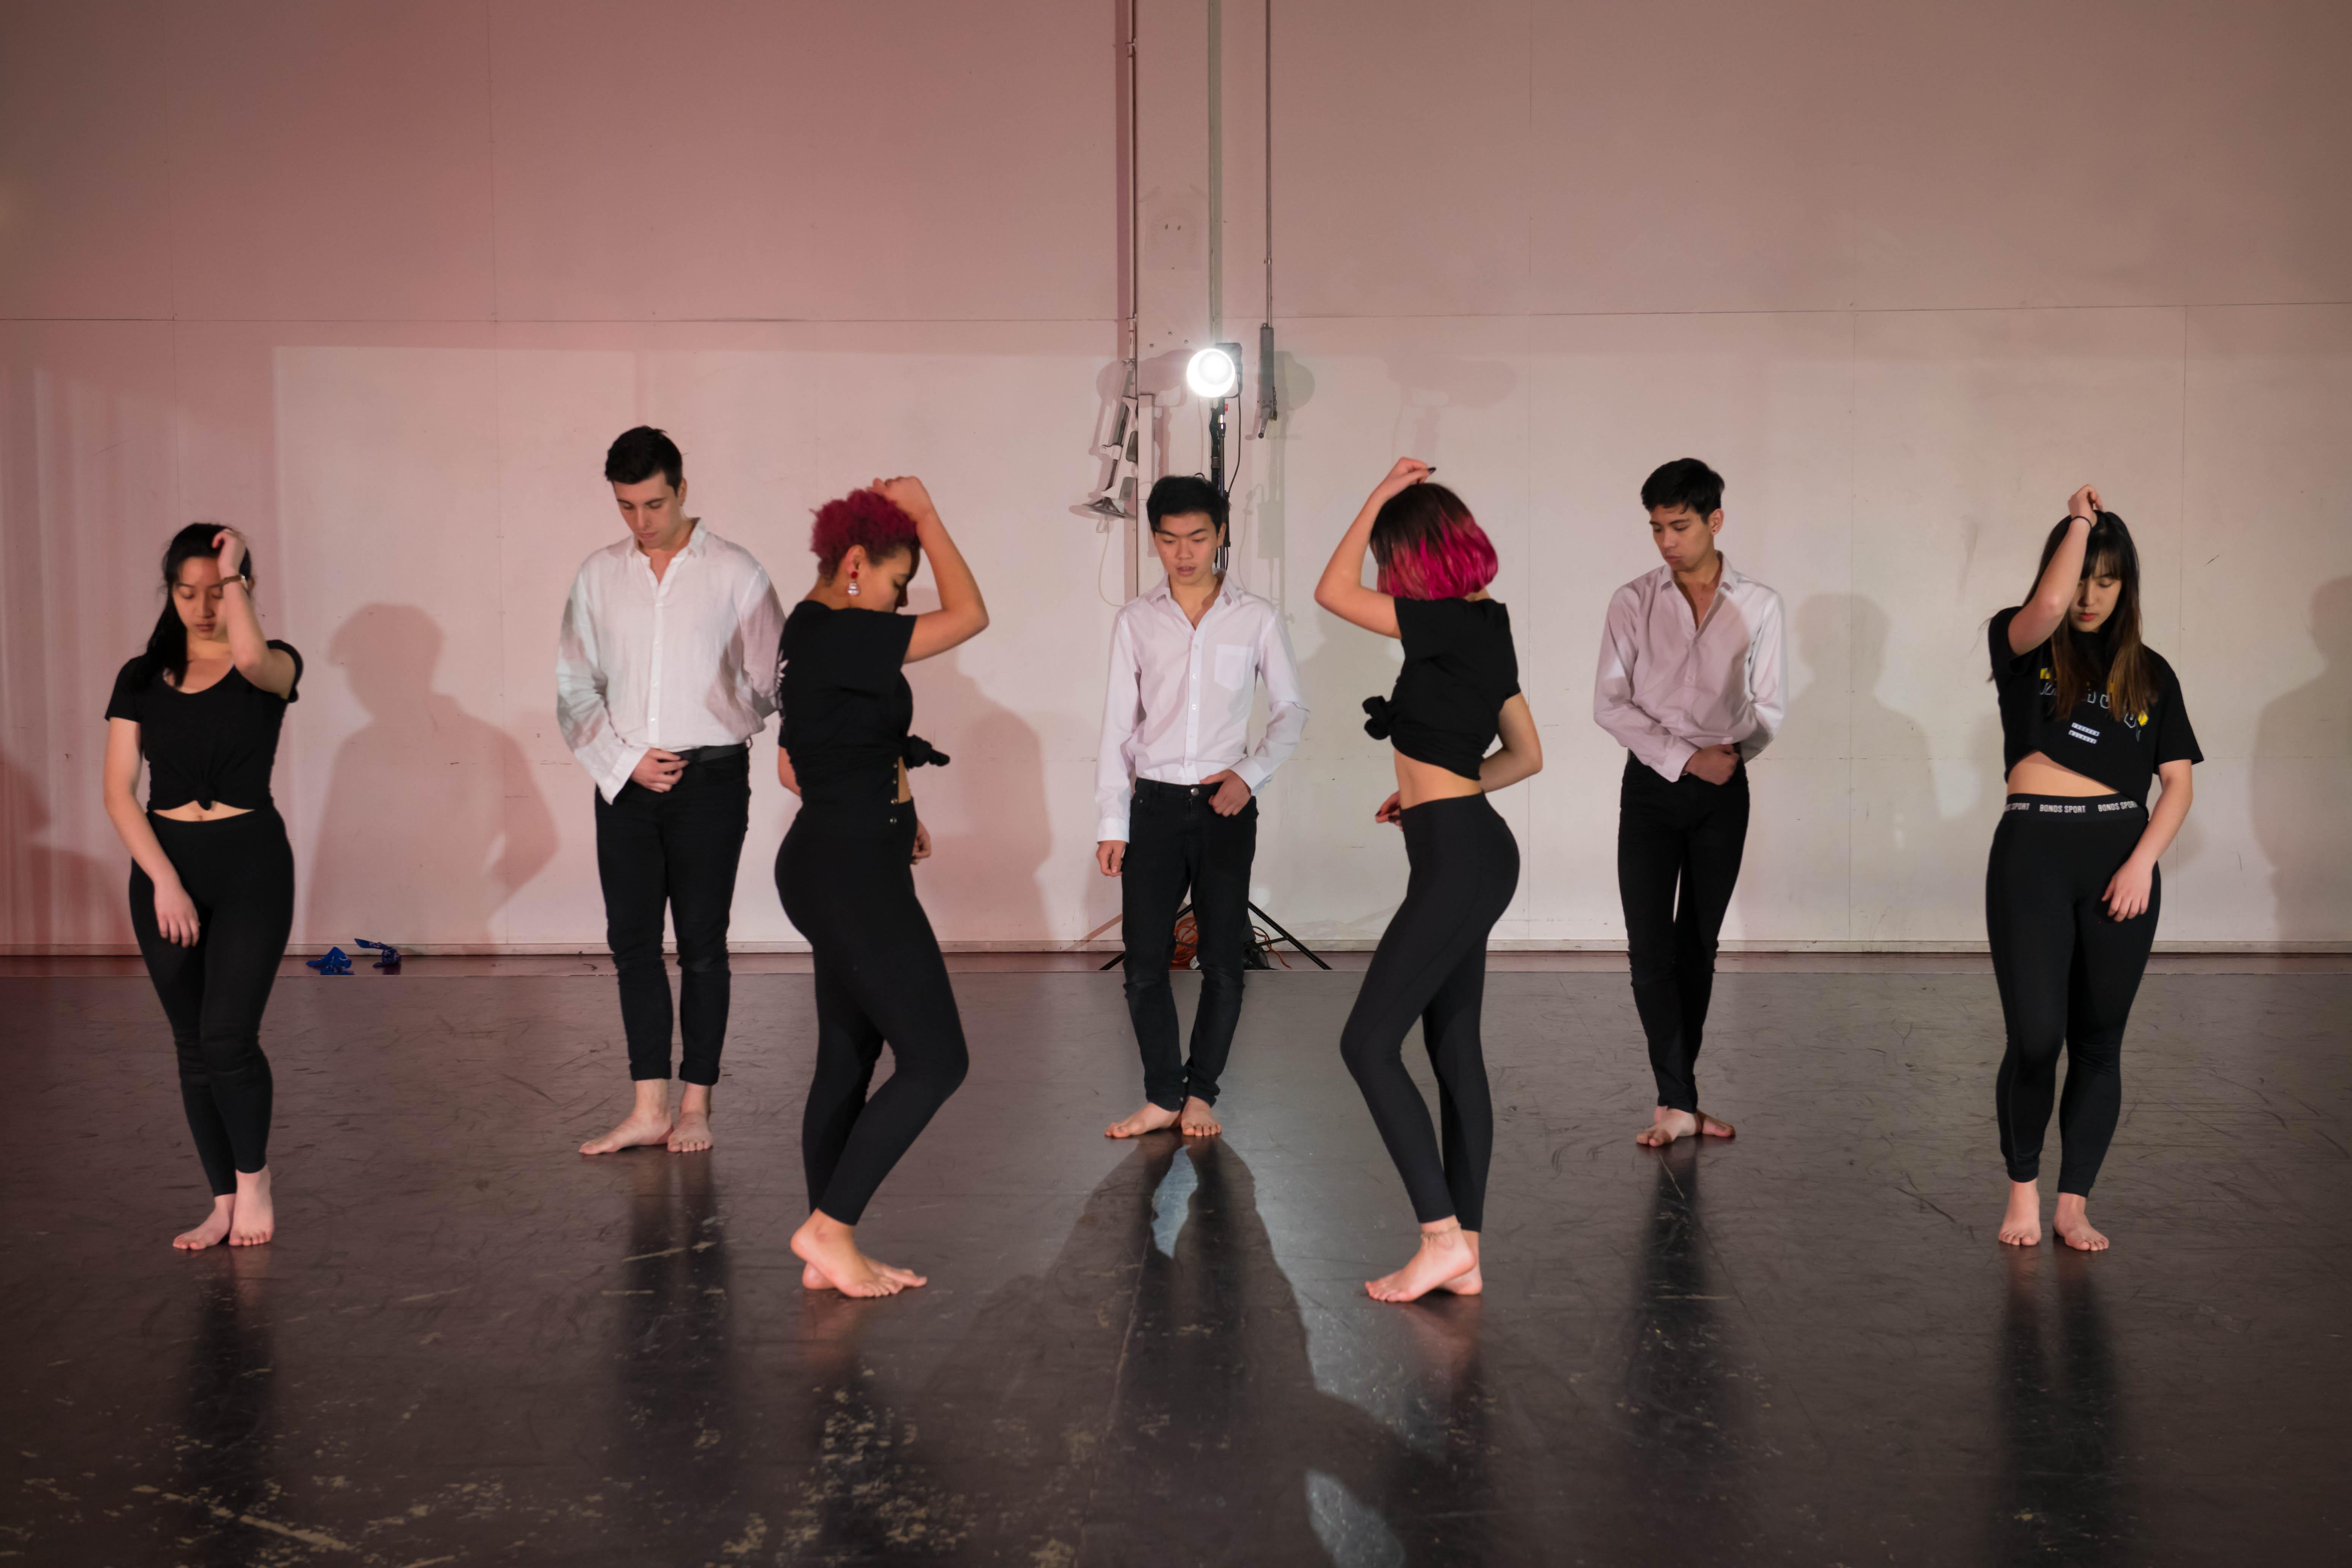 TAEM - Showcase rehearsal